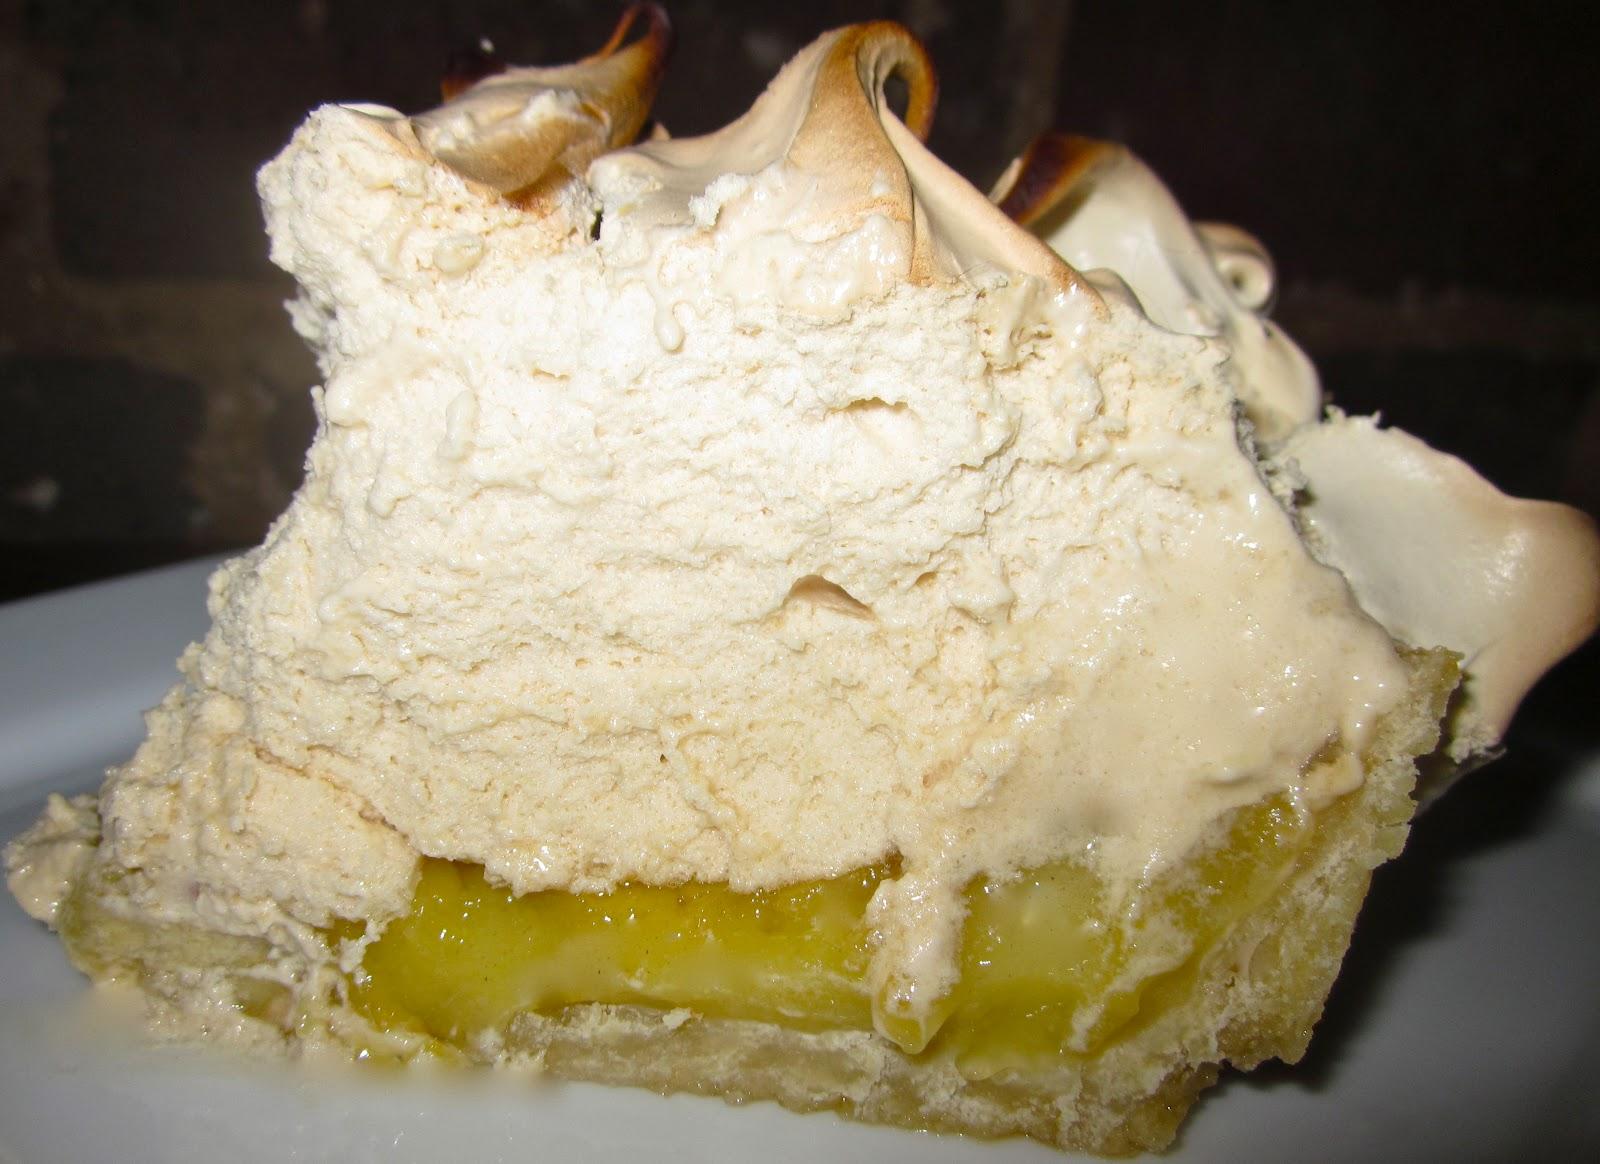 Haute + Heirloom: Lemon Meringue Pie with Toasted Brown Sugar Meringue